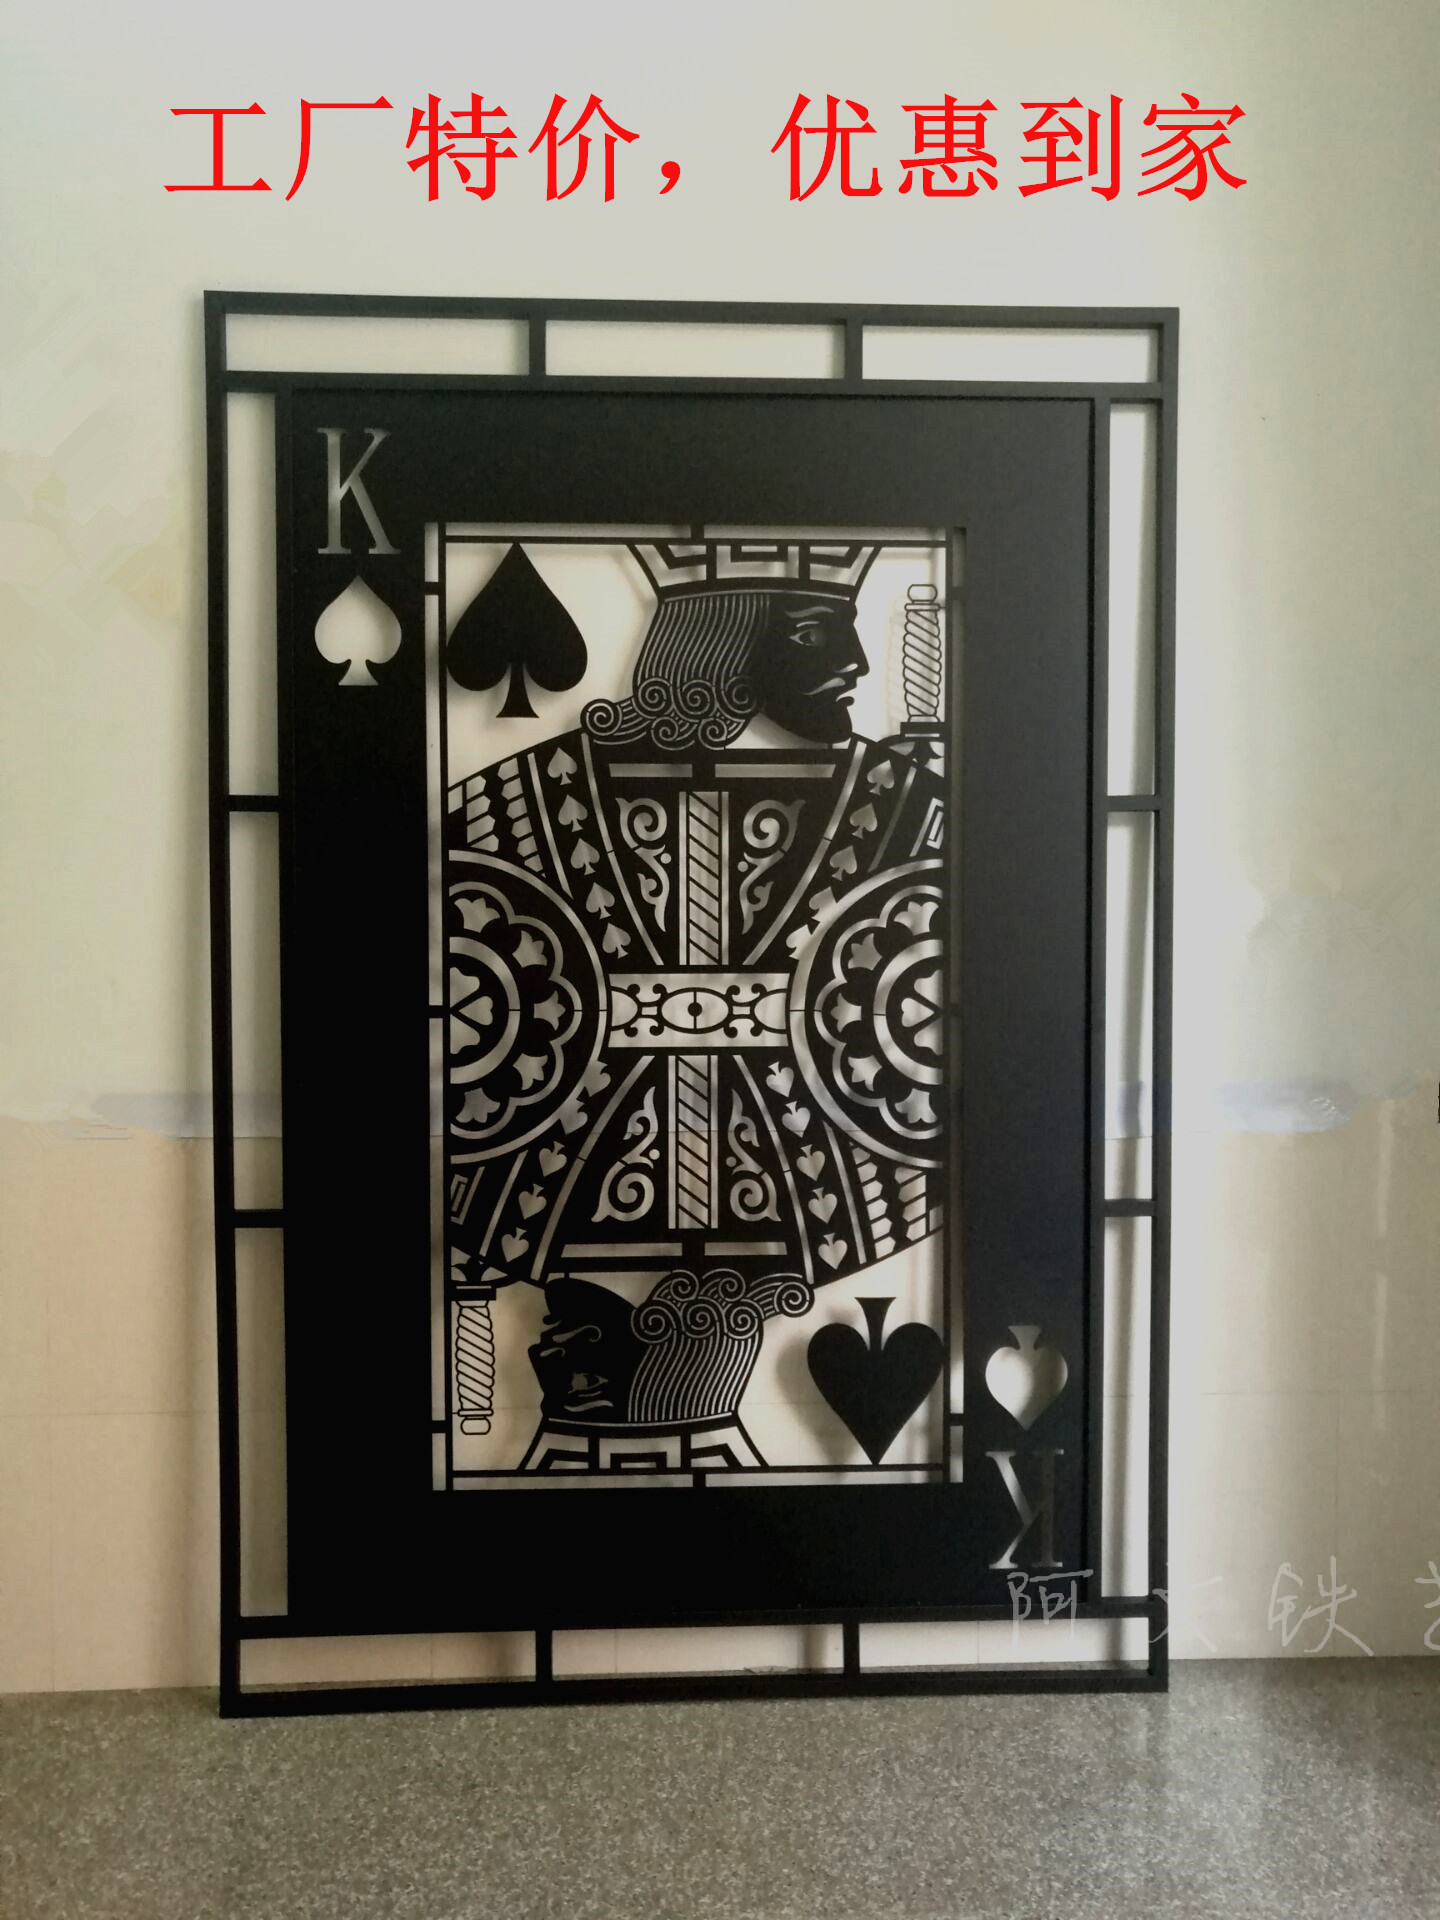 Mỹ loft thẻ chơi màn hình cá tính rỗng rèn sắt cửa sổ hiên retro phòng khách phân vùng cafe tùy chỉnh